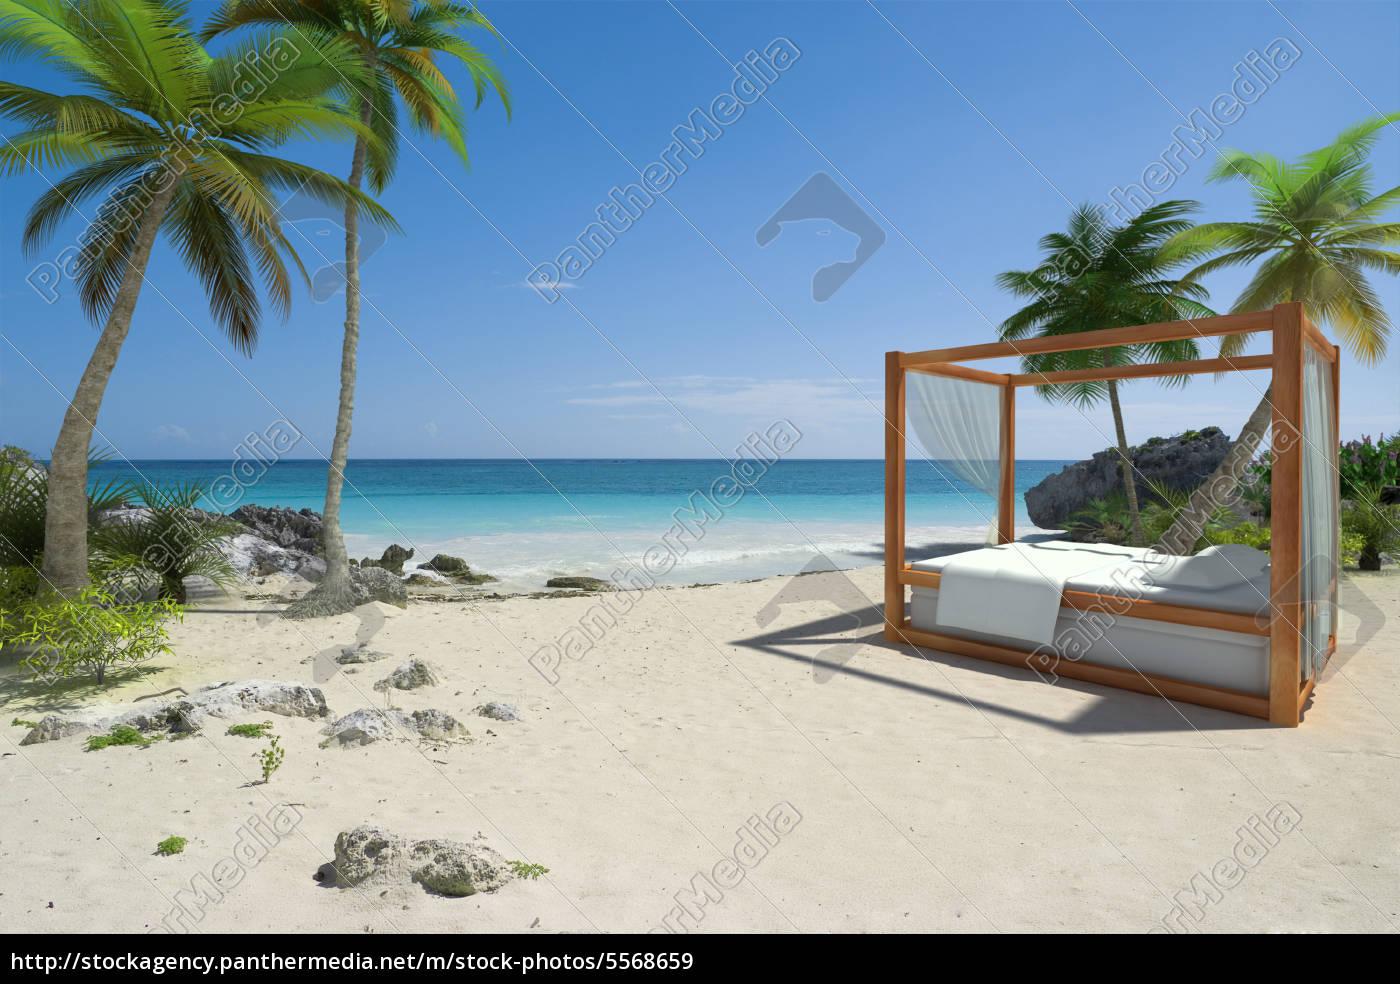 entspannen sie am strand lizenzfreies bild 5568659. Black Bedroom Furniture Sets. Home Design Ideas